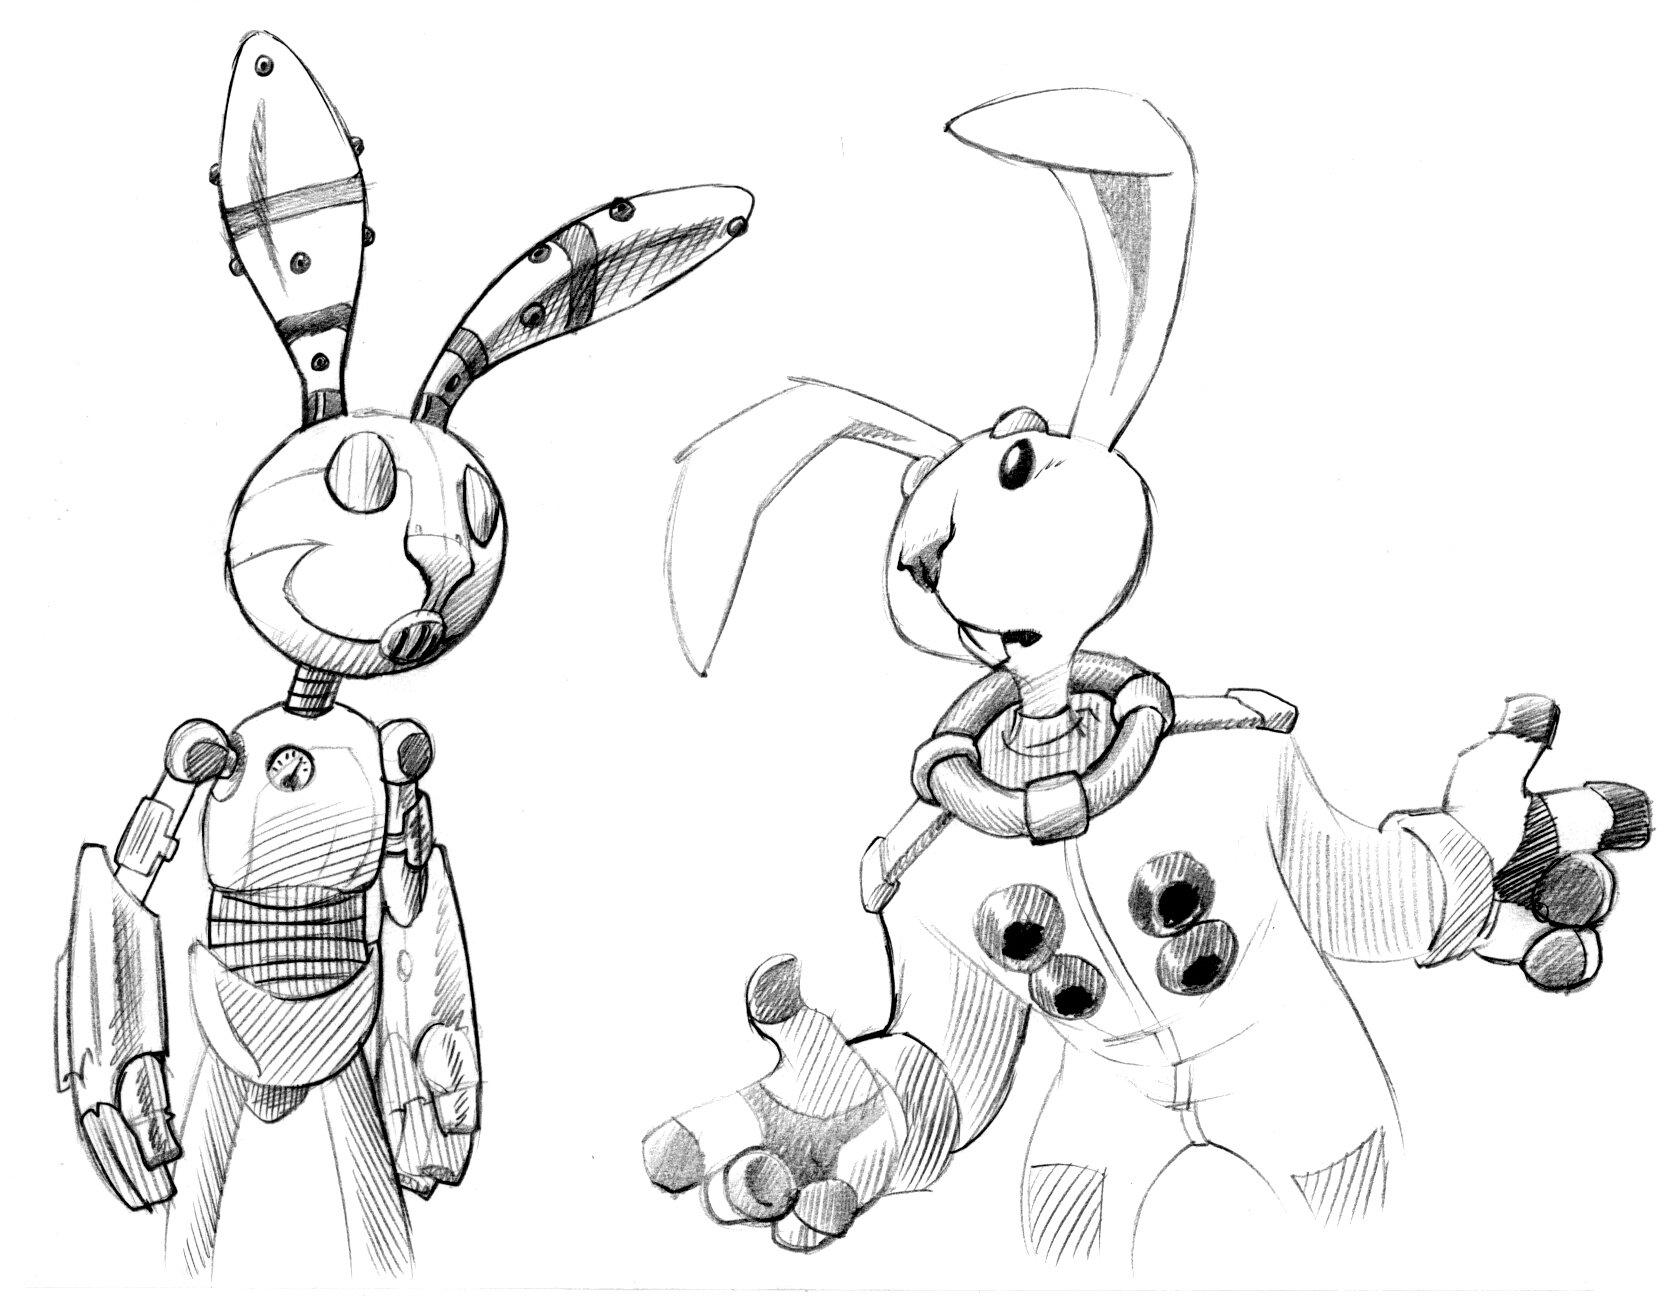 AstroRabbit Designs